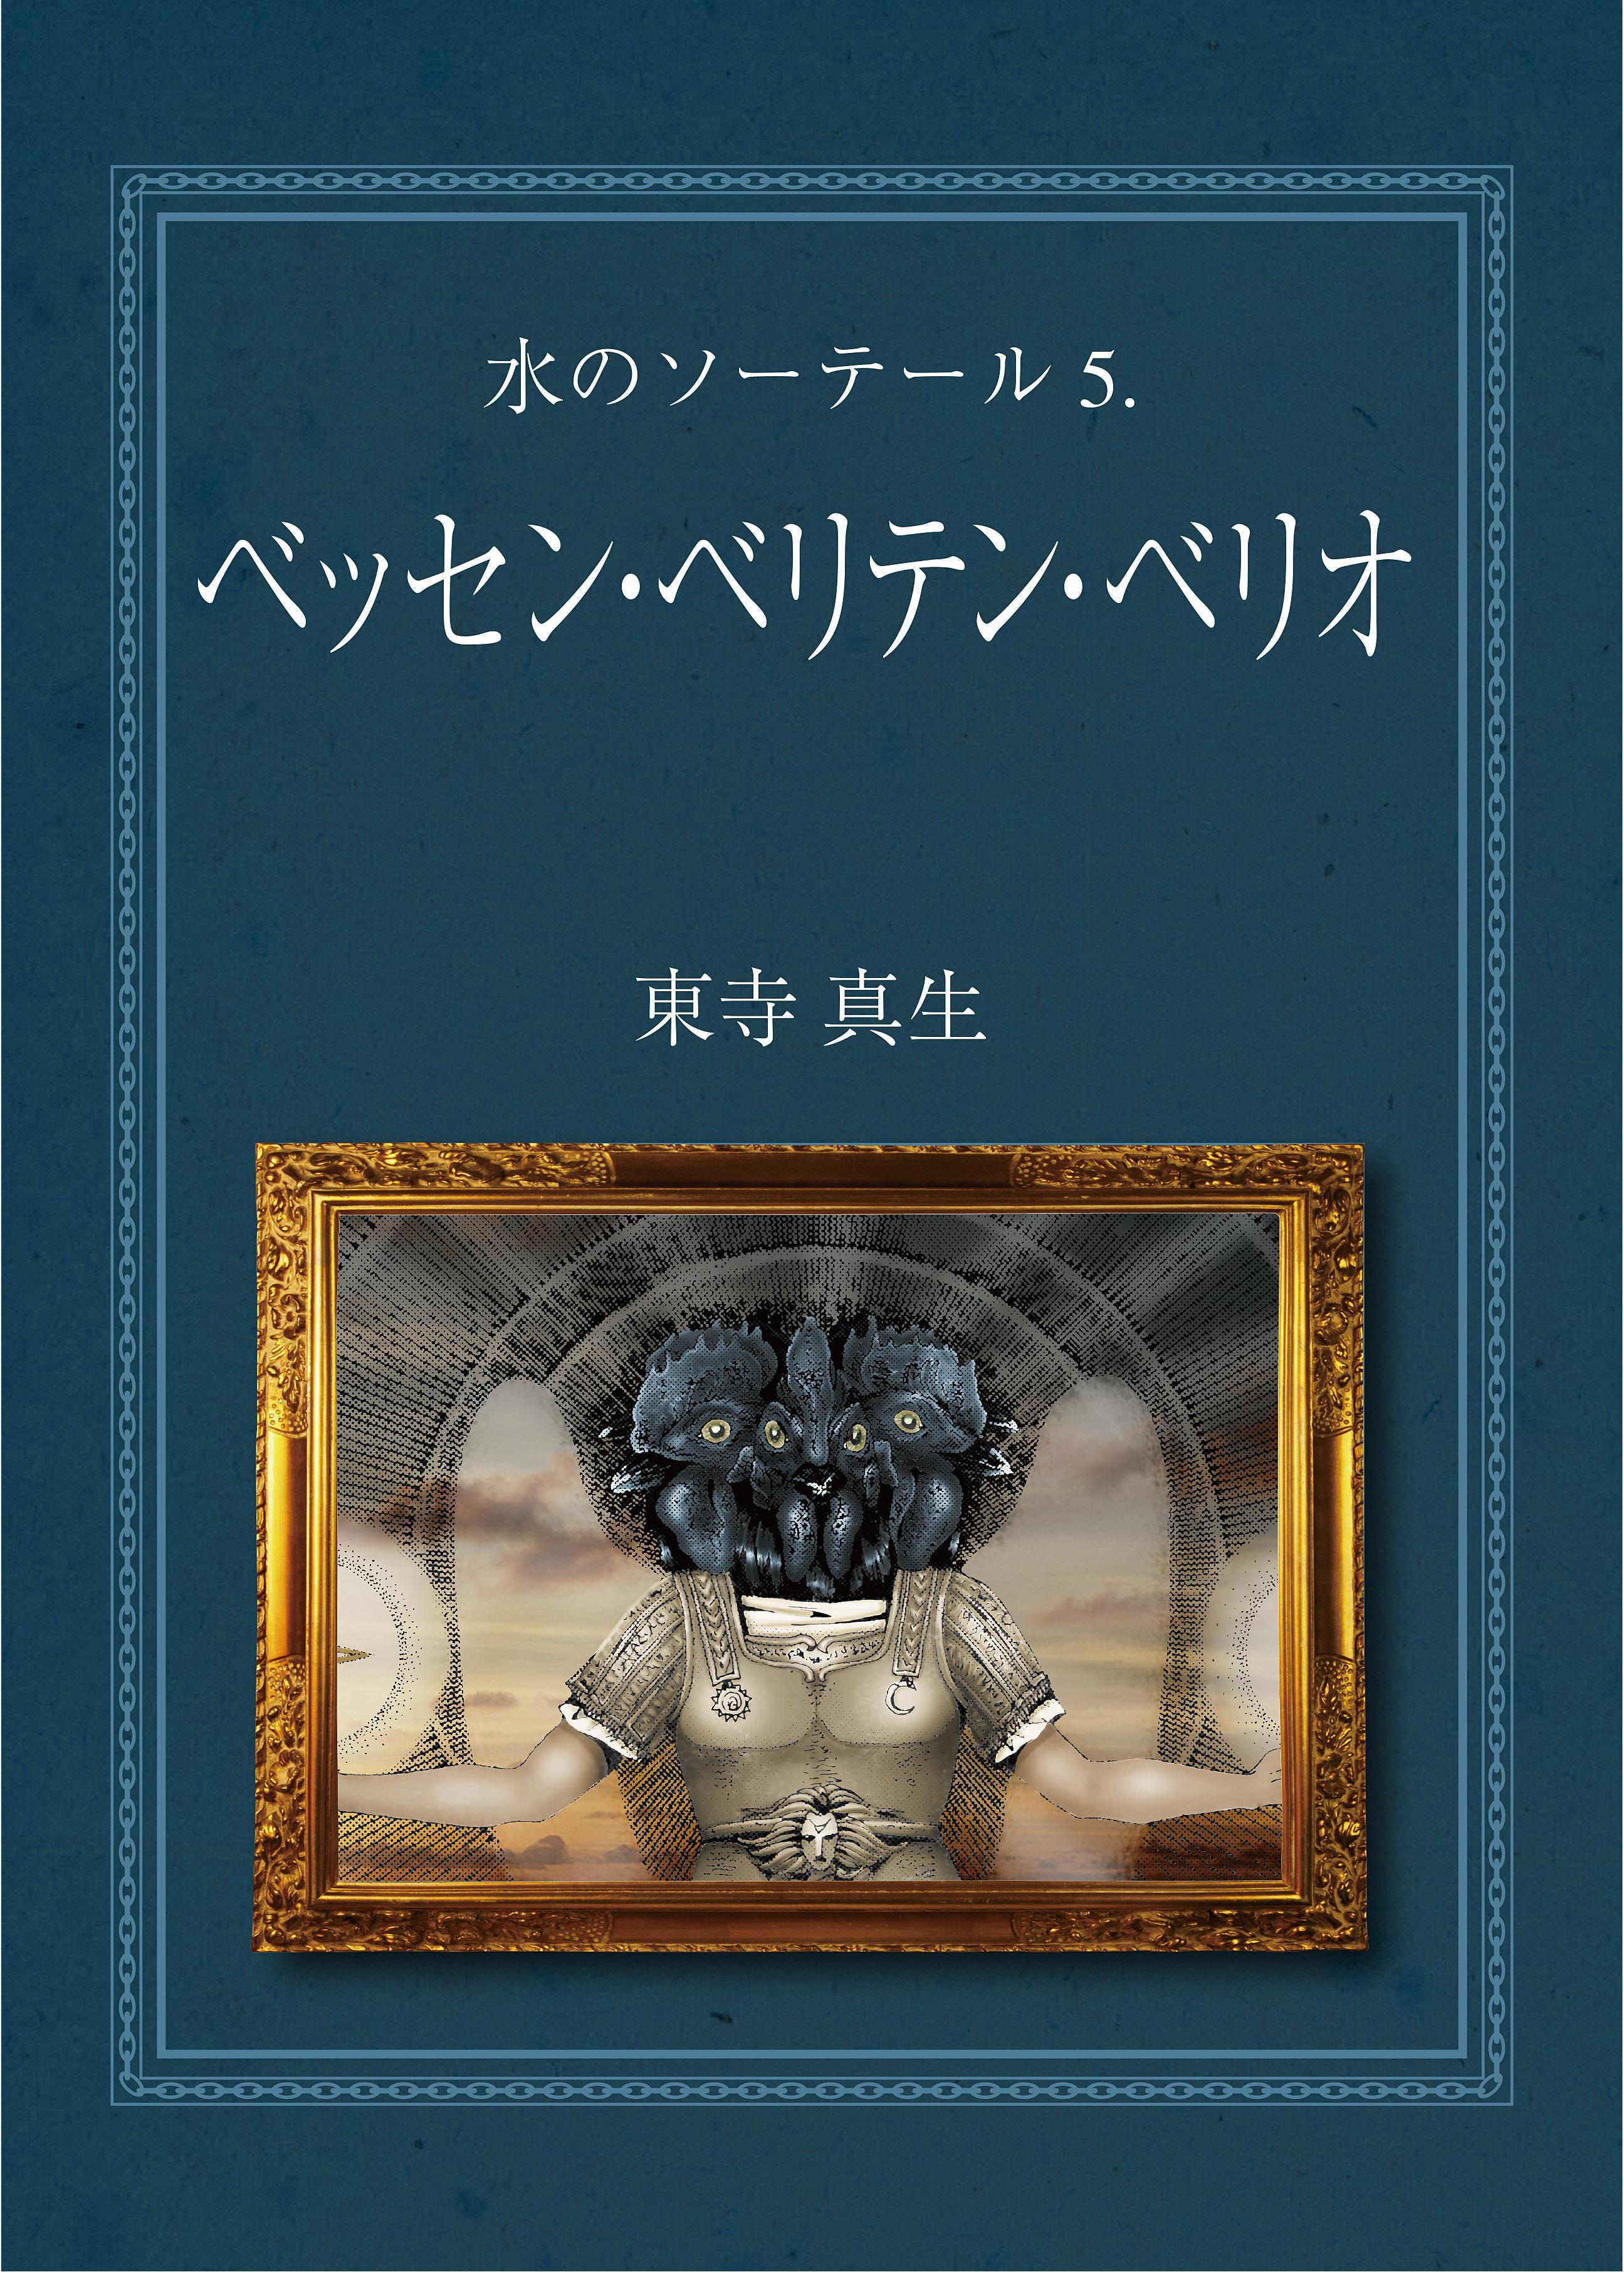 hyoshi5.jpg